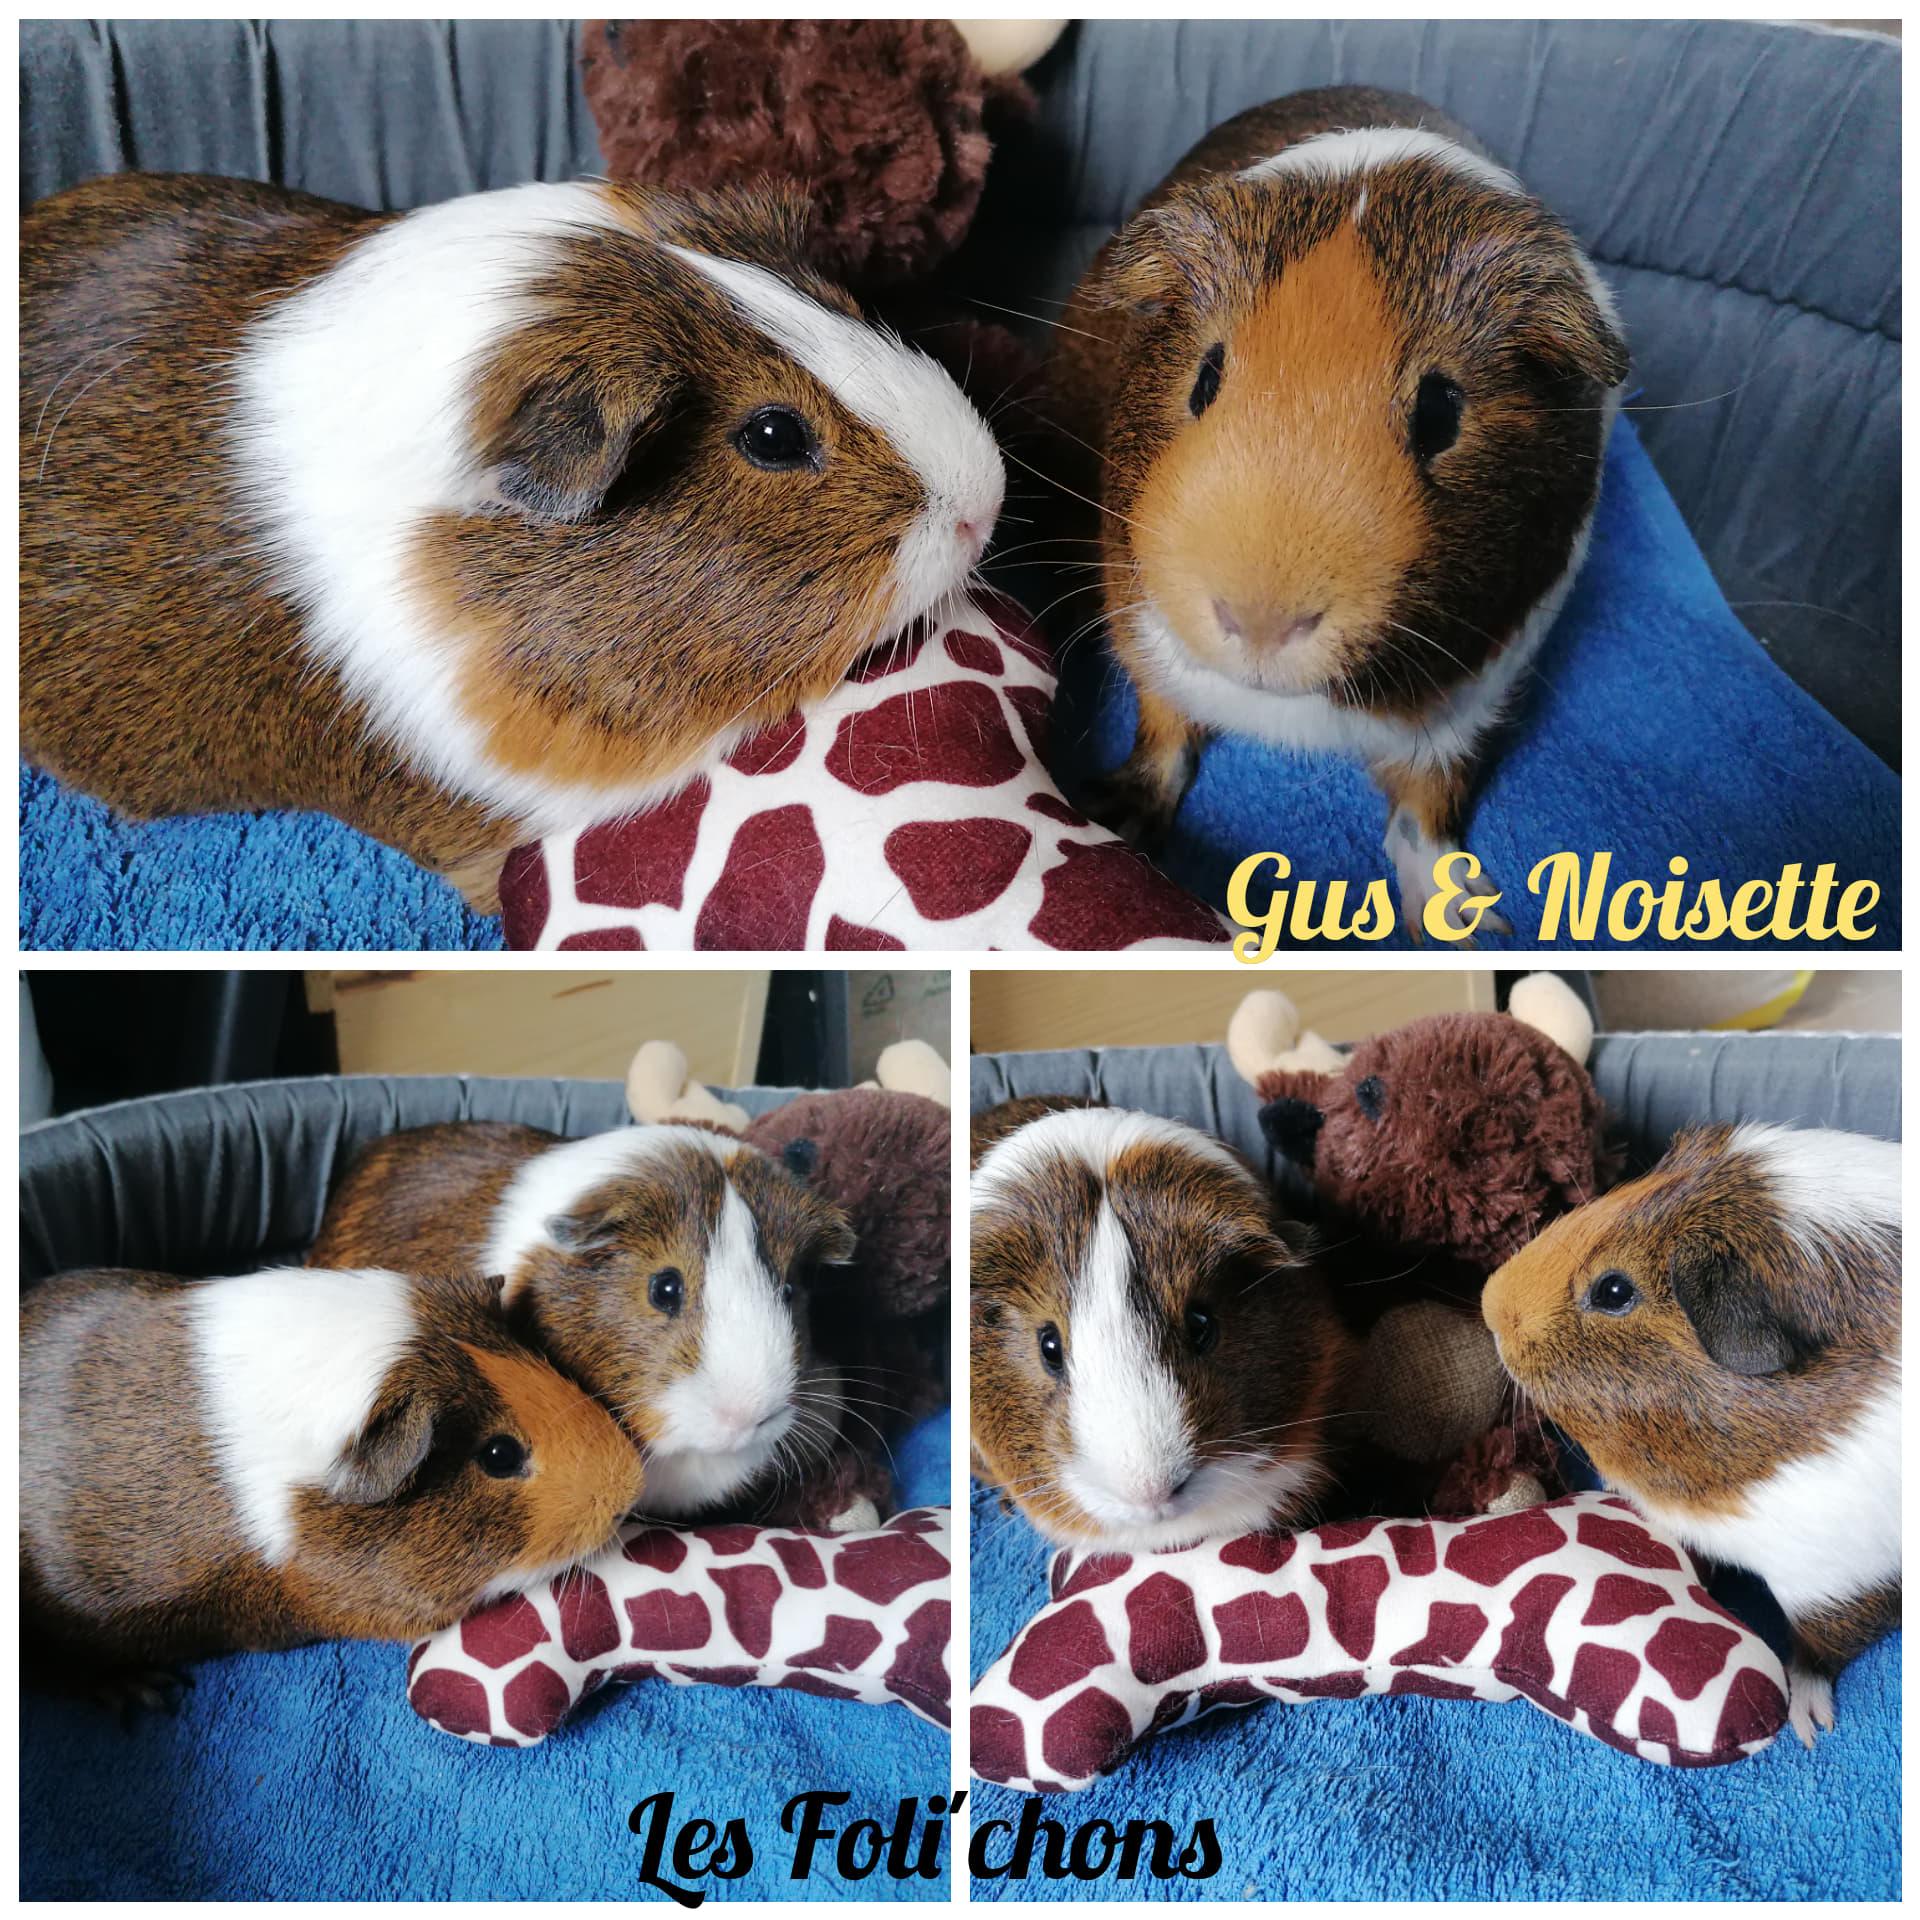 Gus & Noisette